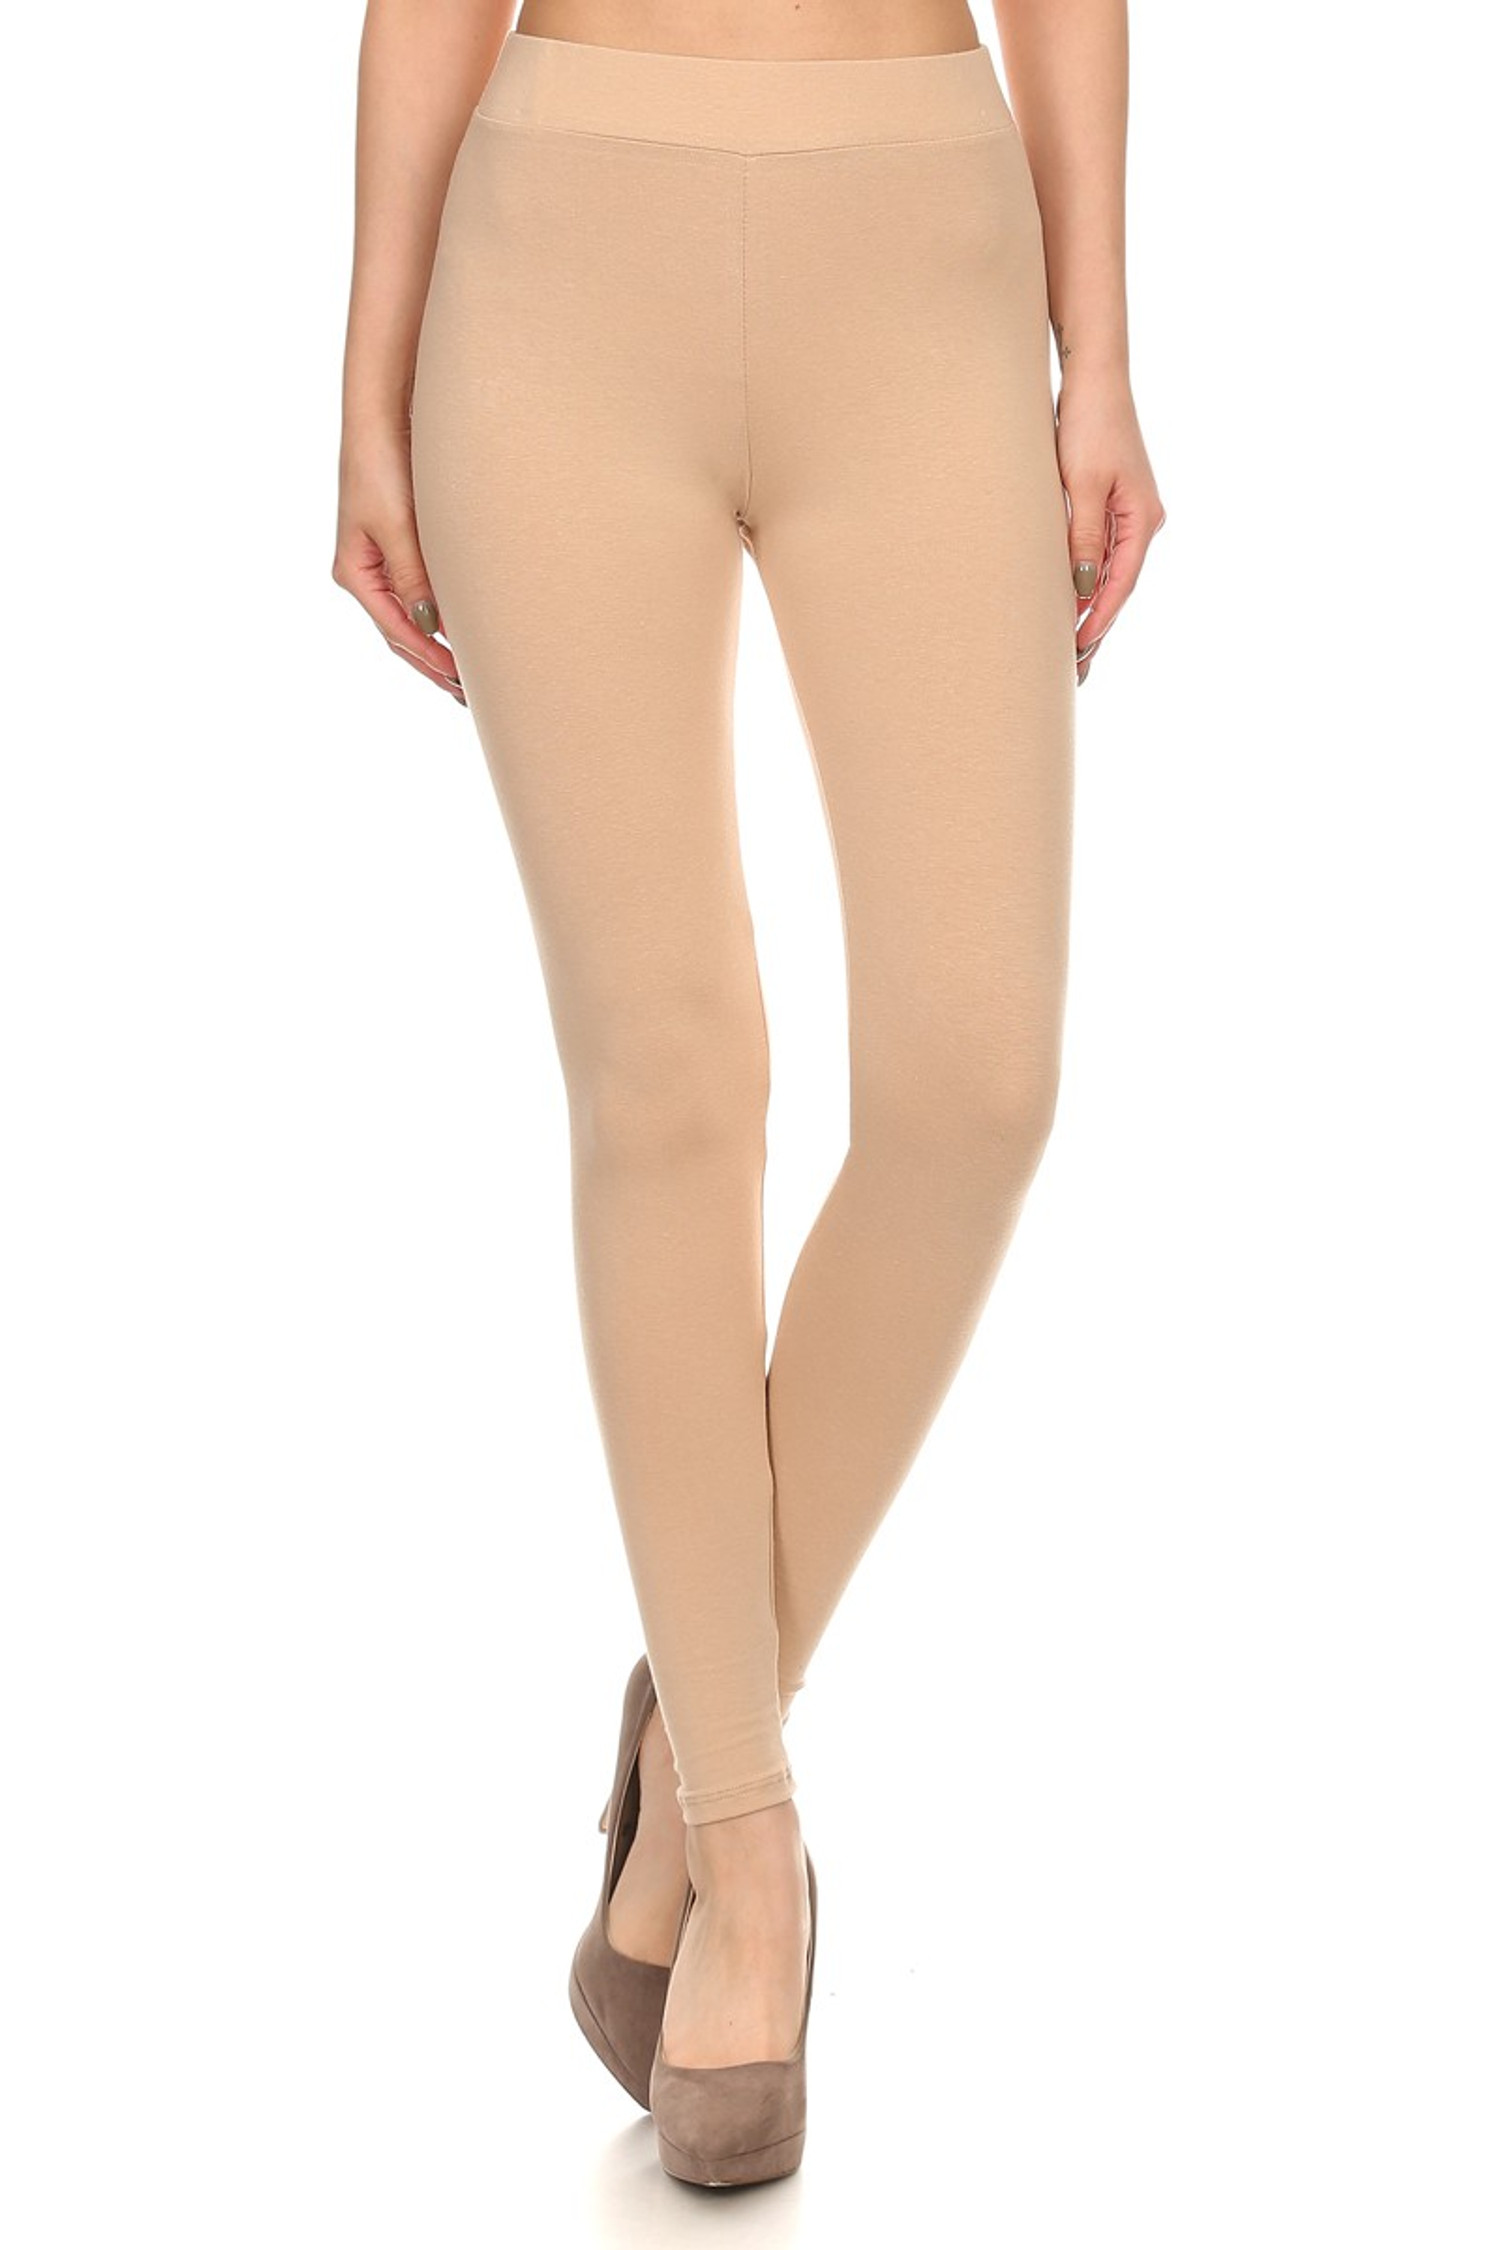 Premium USA Cotton Leggings